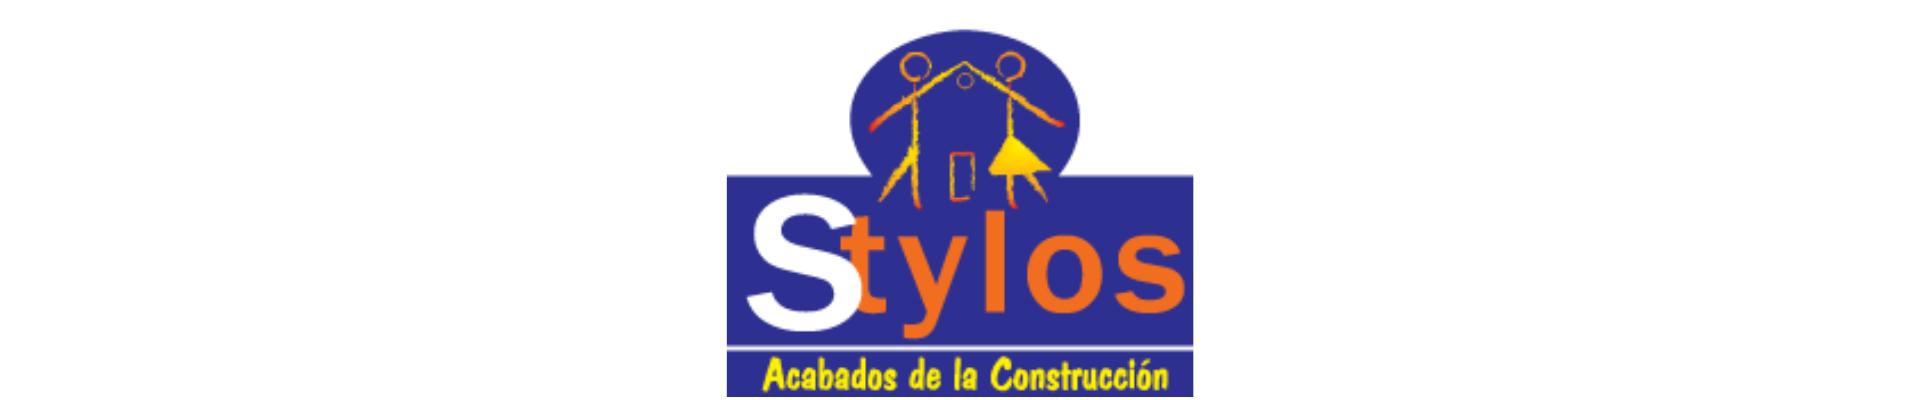 Stylos Acabados de la Construcción